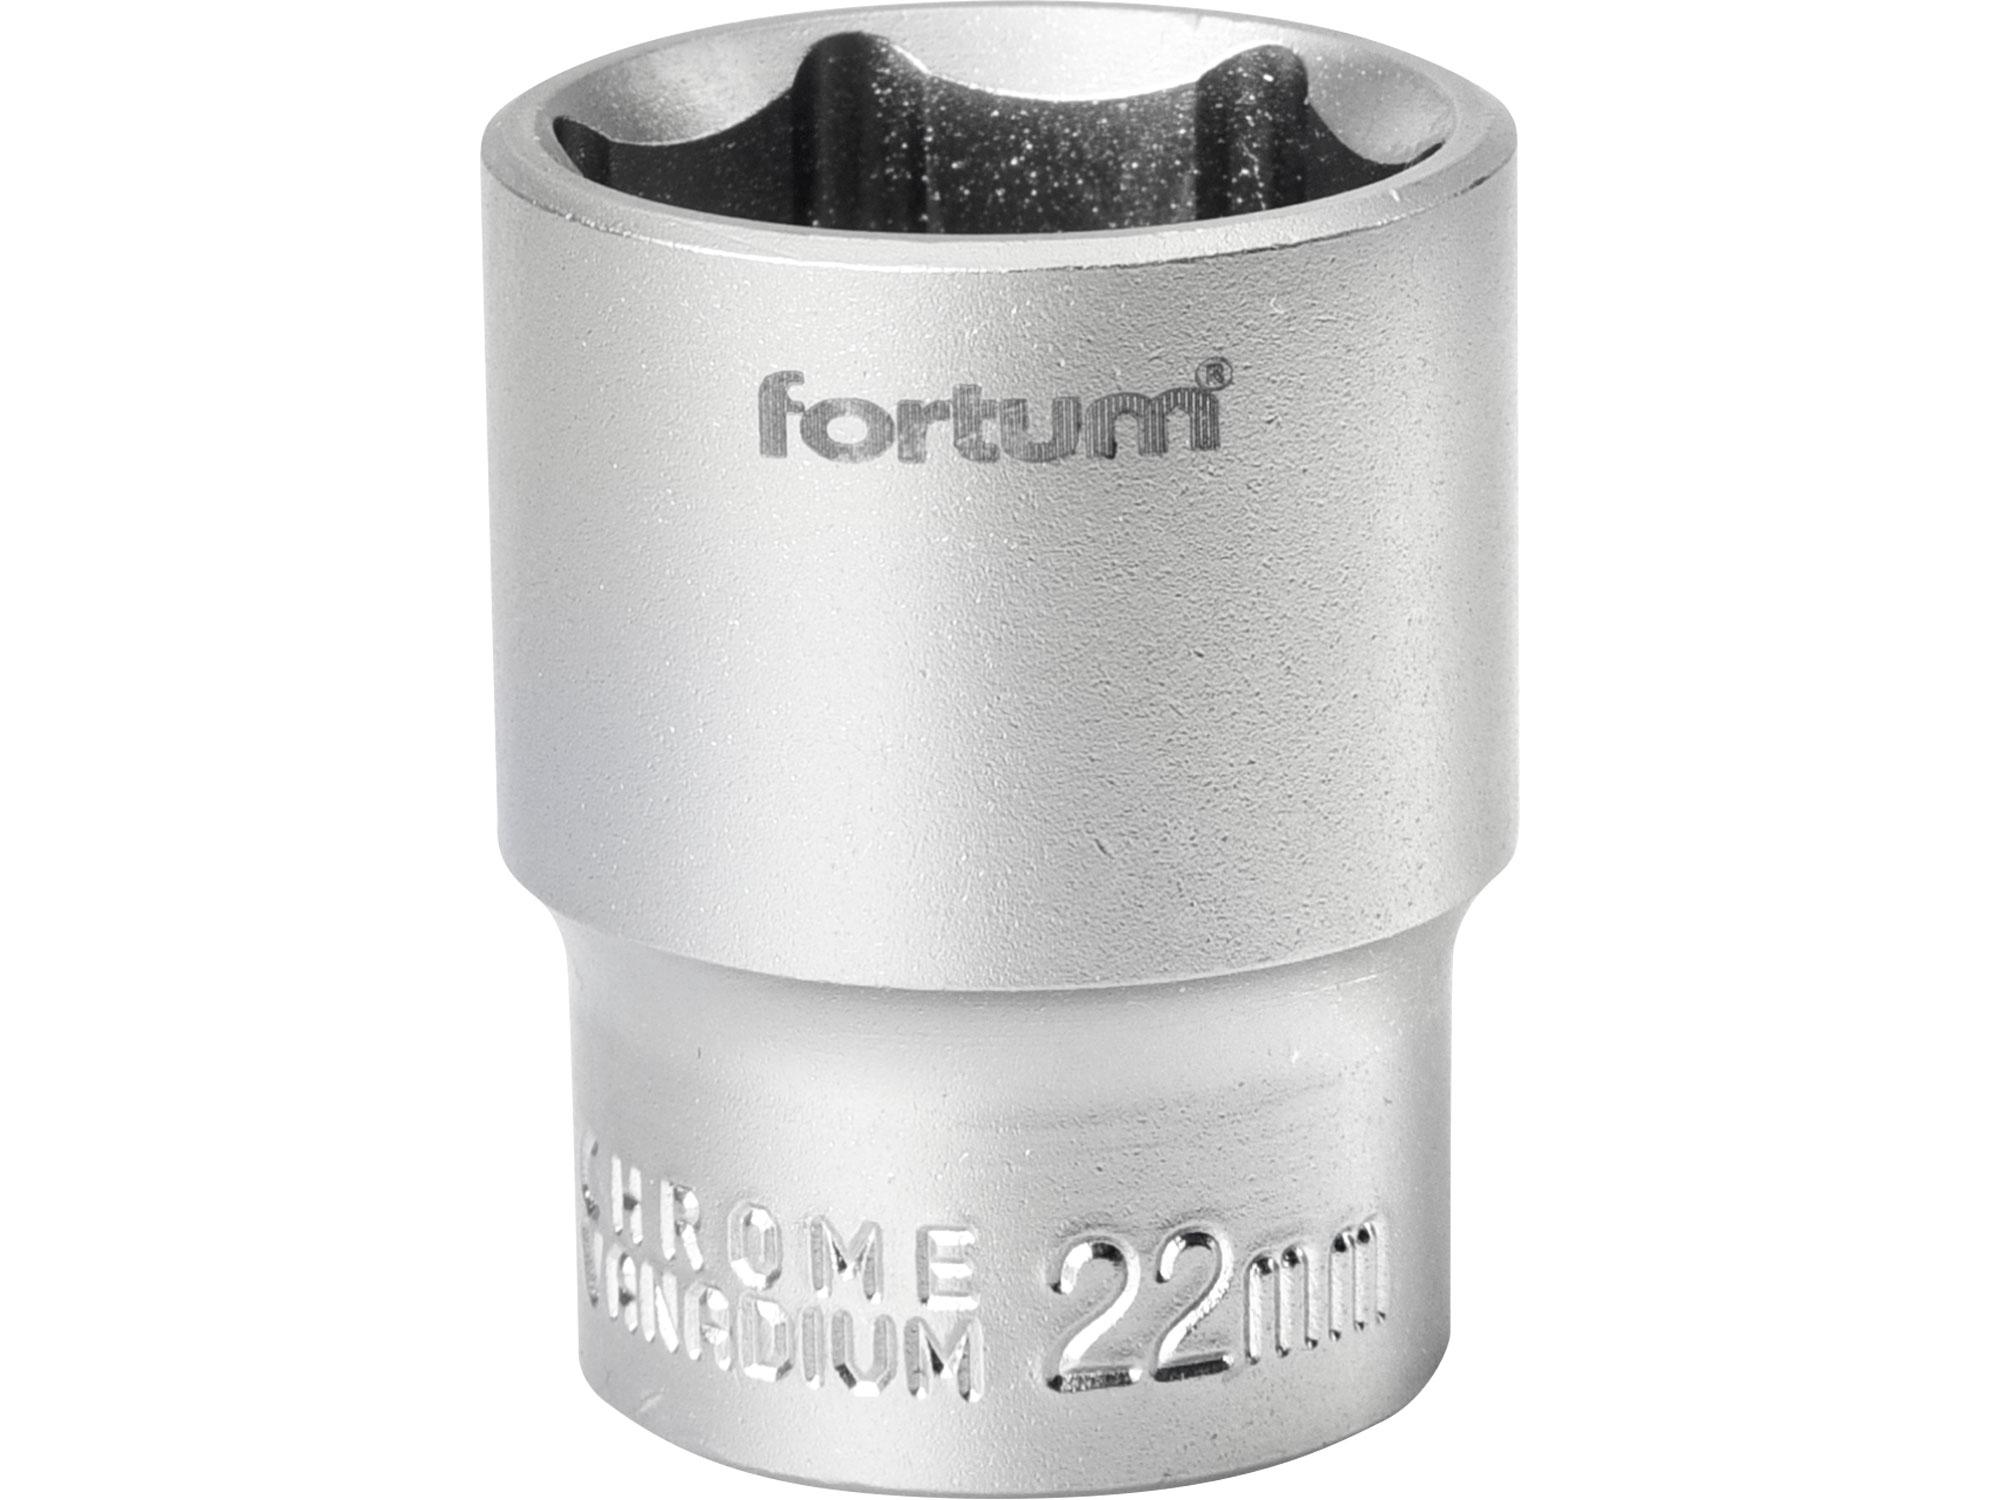 """hlavice nástrčná, 1/2"""", 22mm, L 38mm, FORTUM 4700422"""